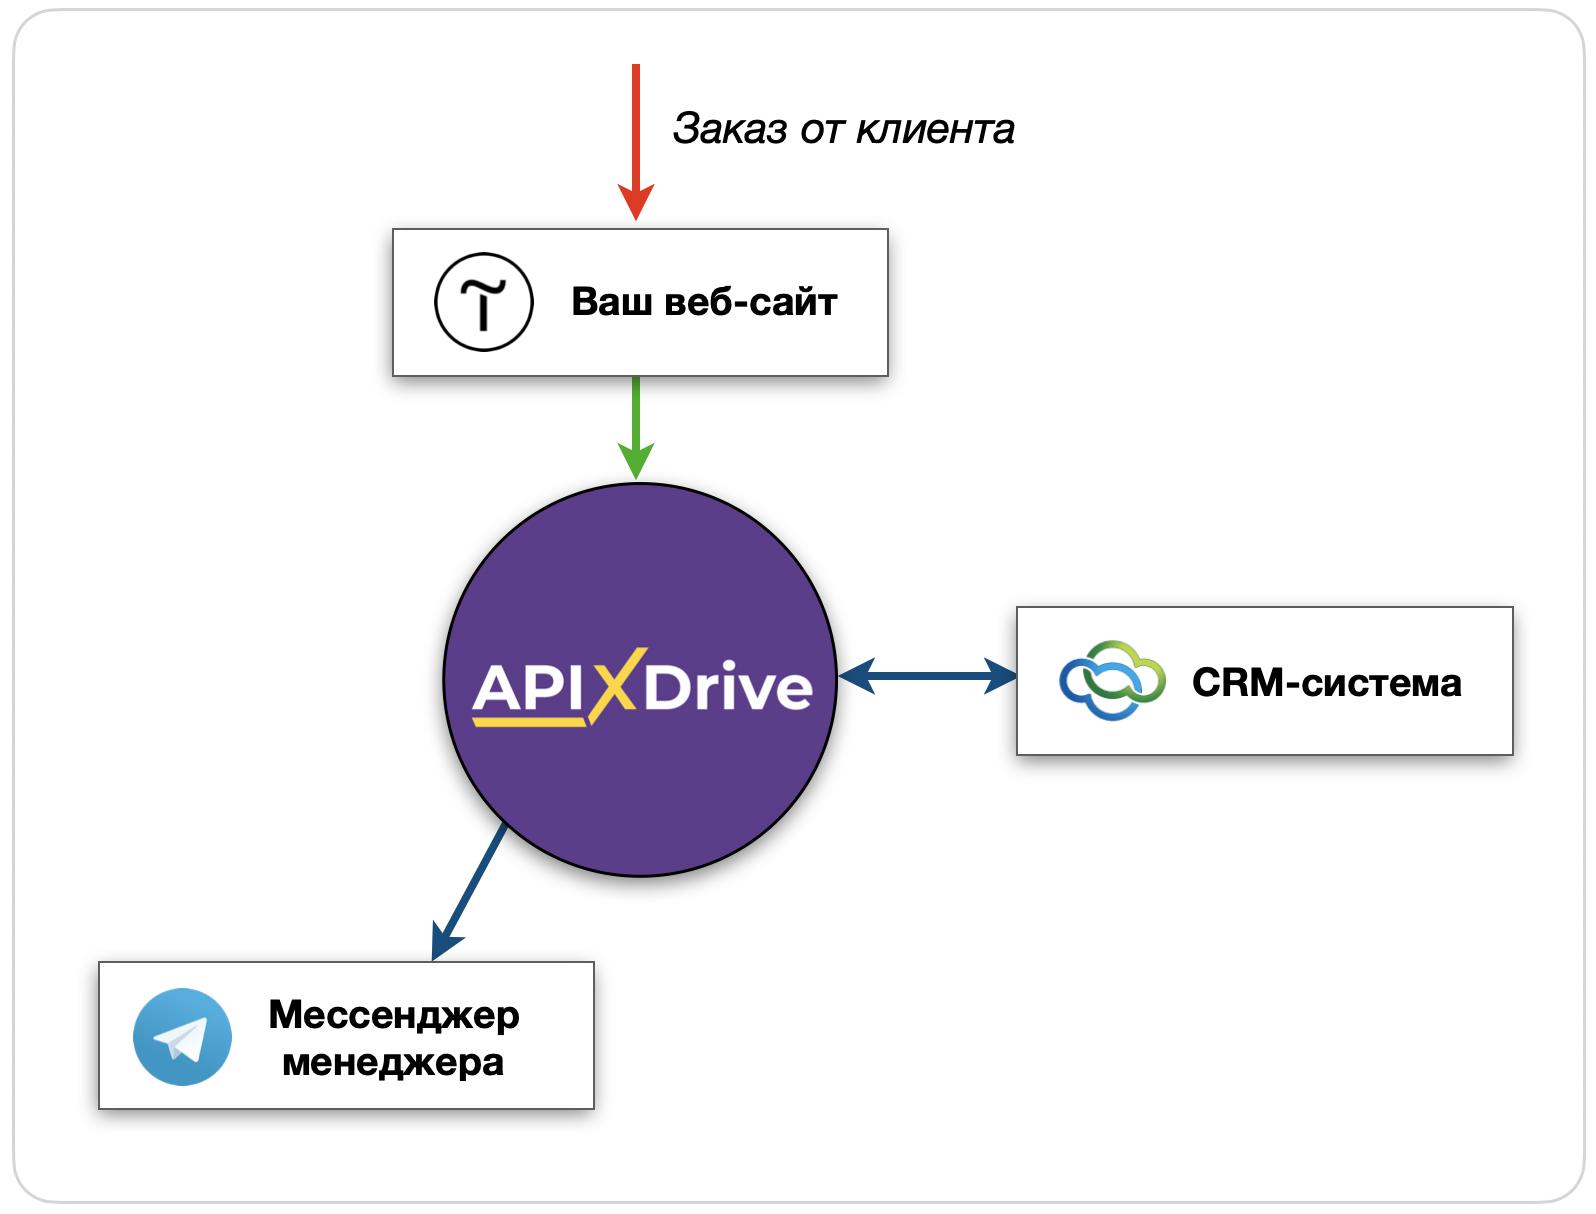 Сервис ApiX-Drive в действии. Вариант 1